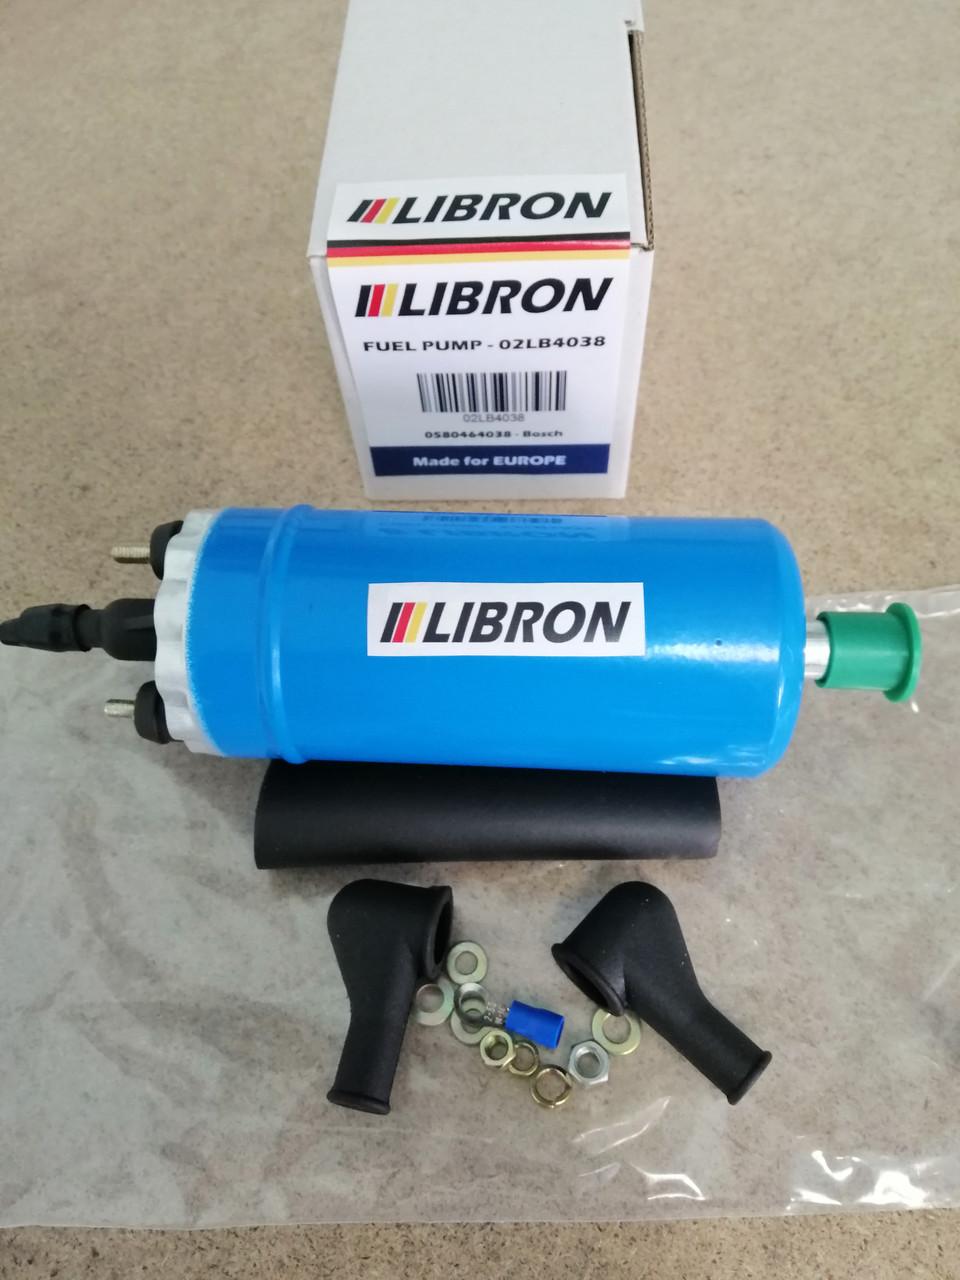 Бензонасос LIBRON 02LB4038 - Опель Аскона B (81_, 86_, 87_, 88_) 2.4 400 (1980-1981)